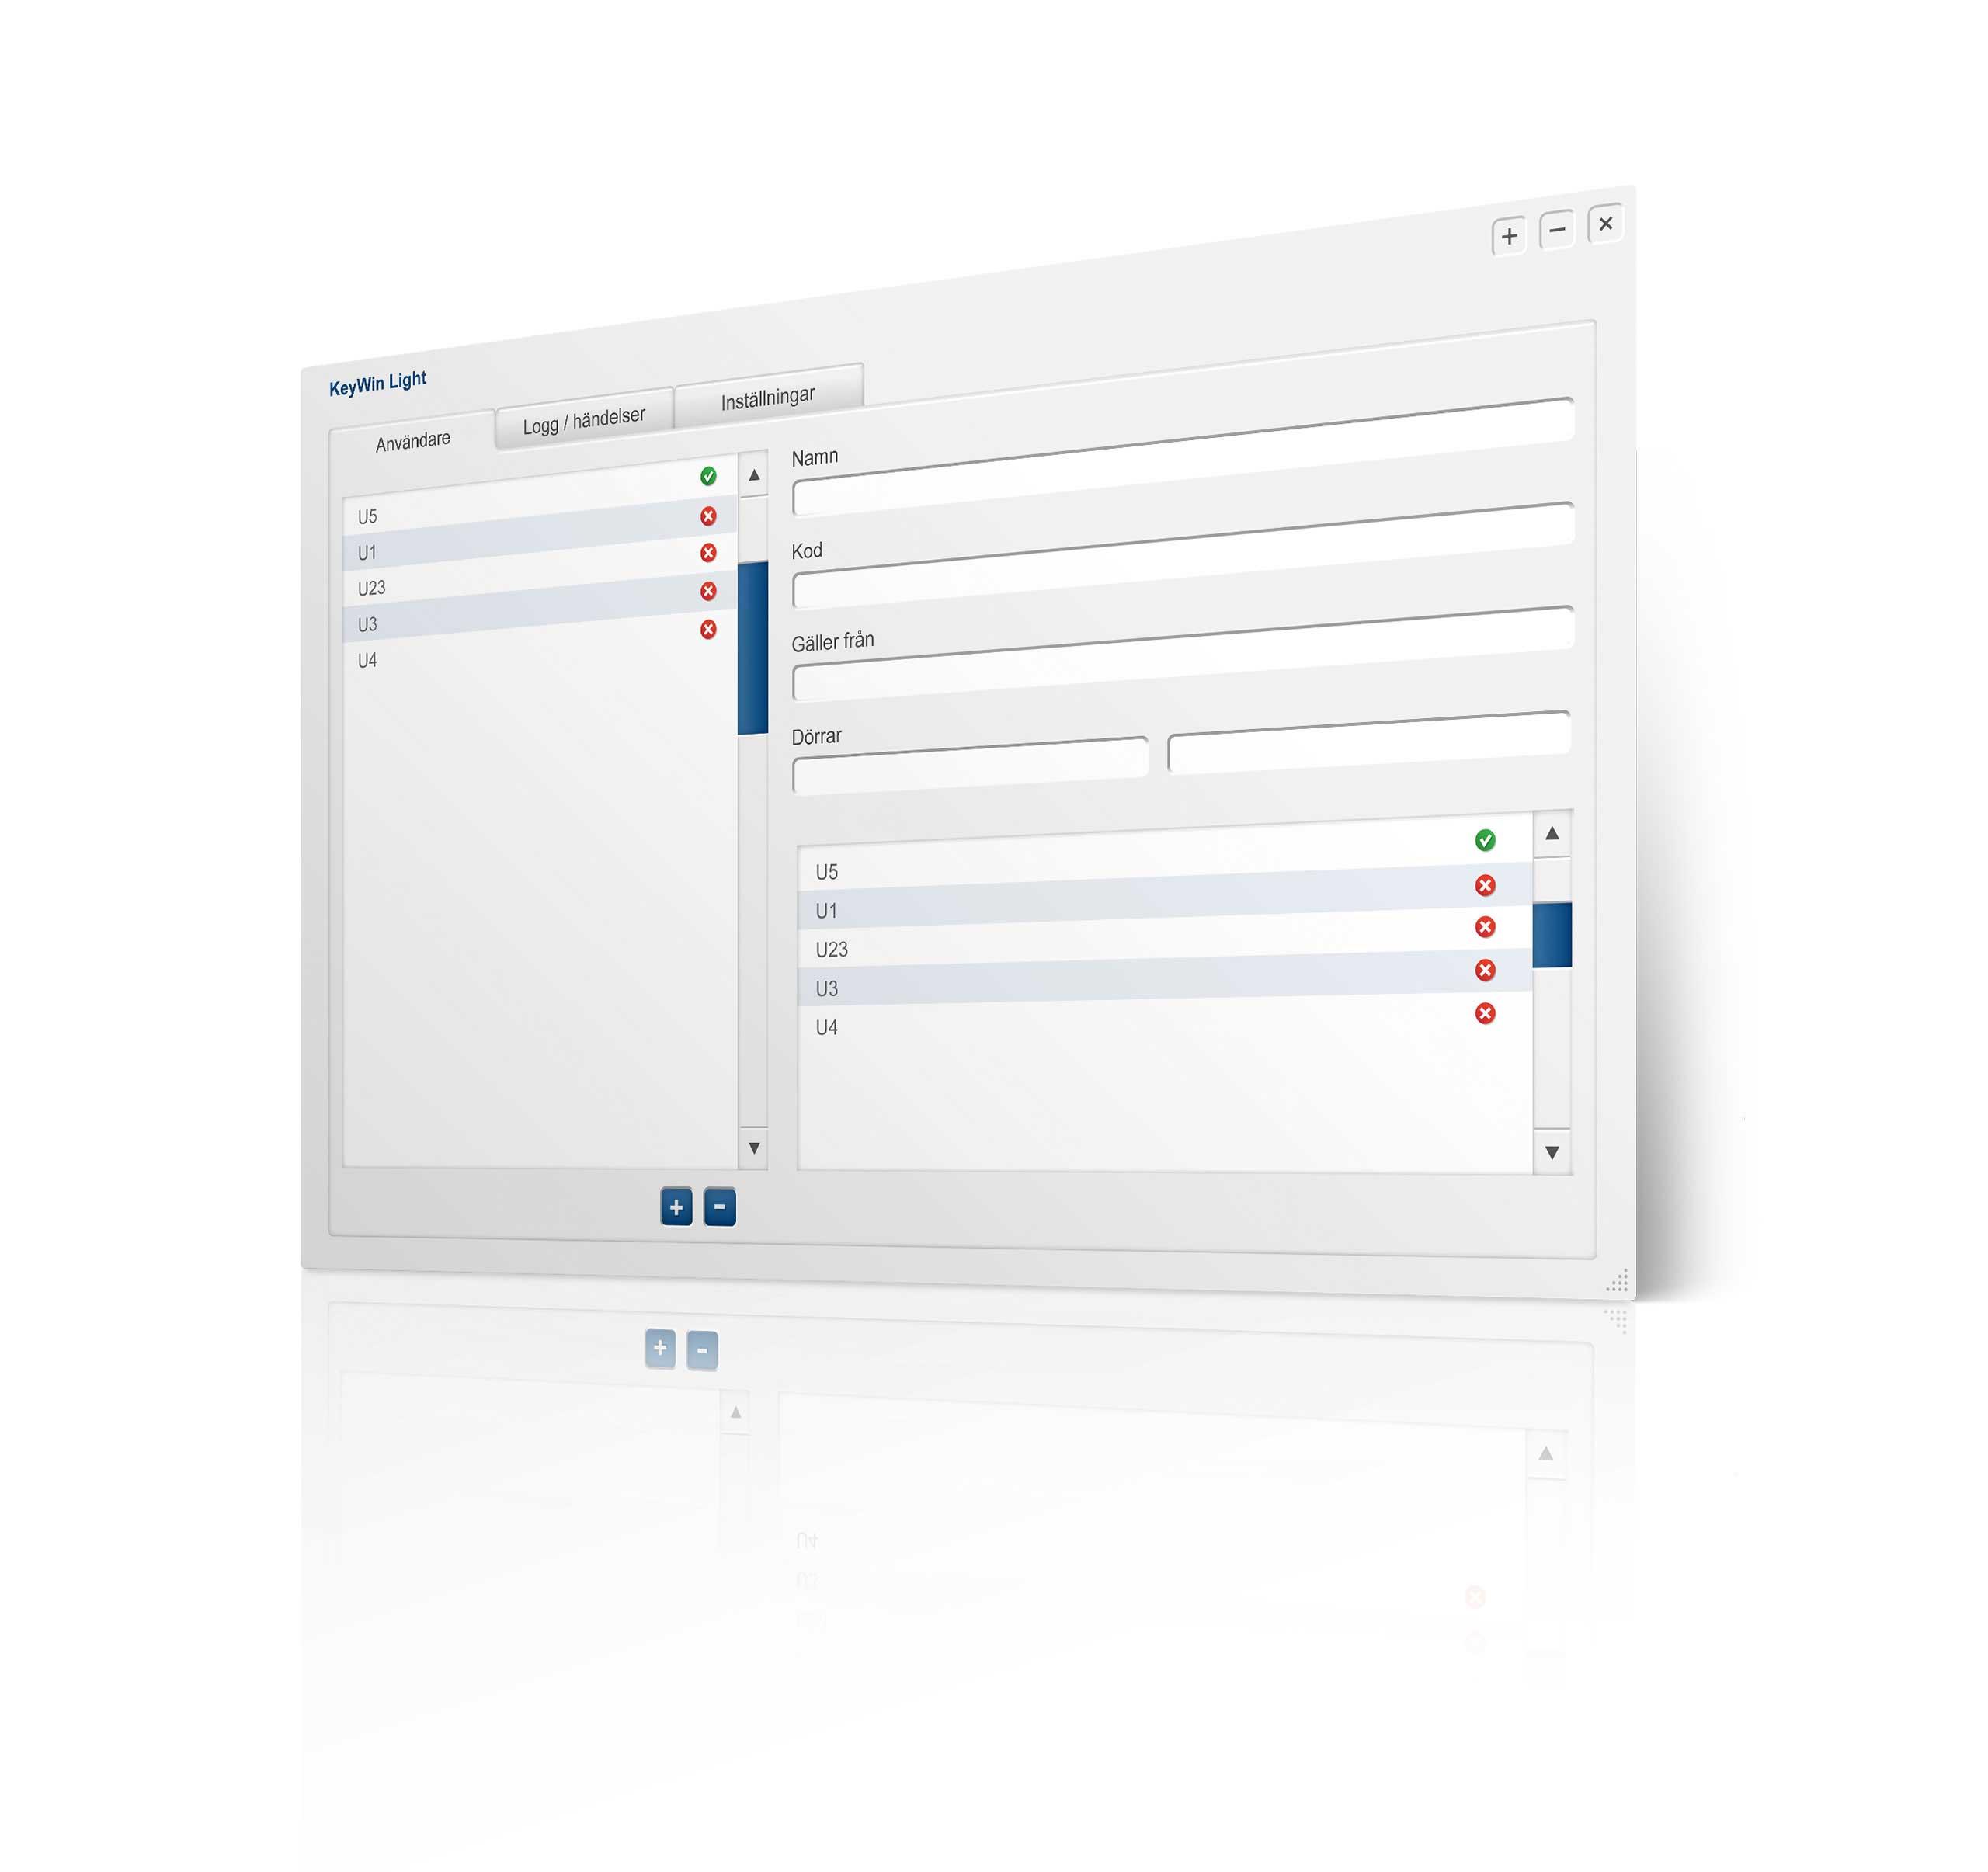 Vista del programa del software de gestión de llaves KeyWin Light